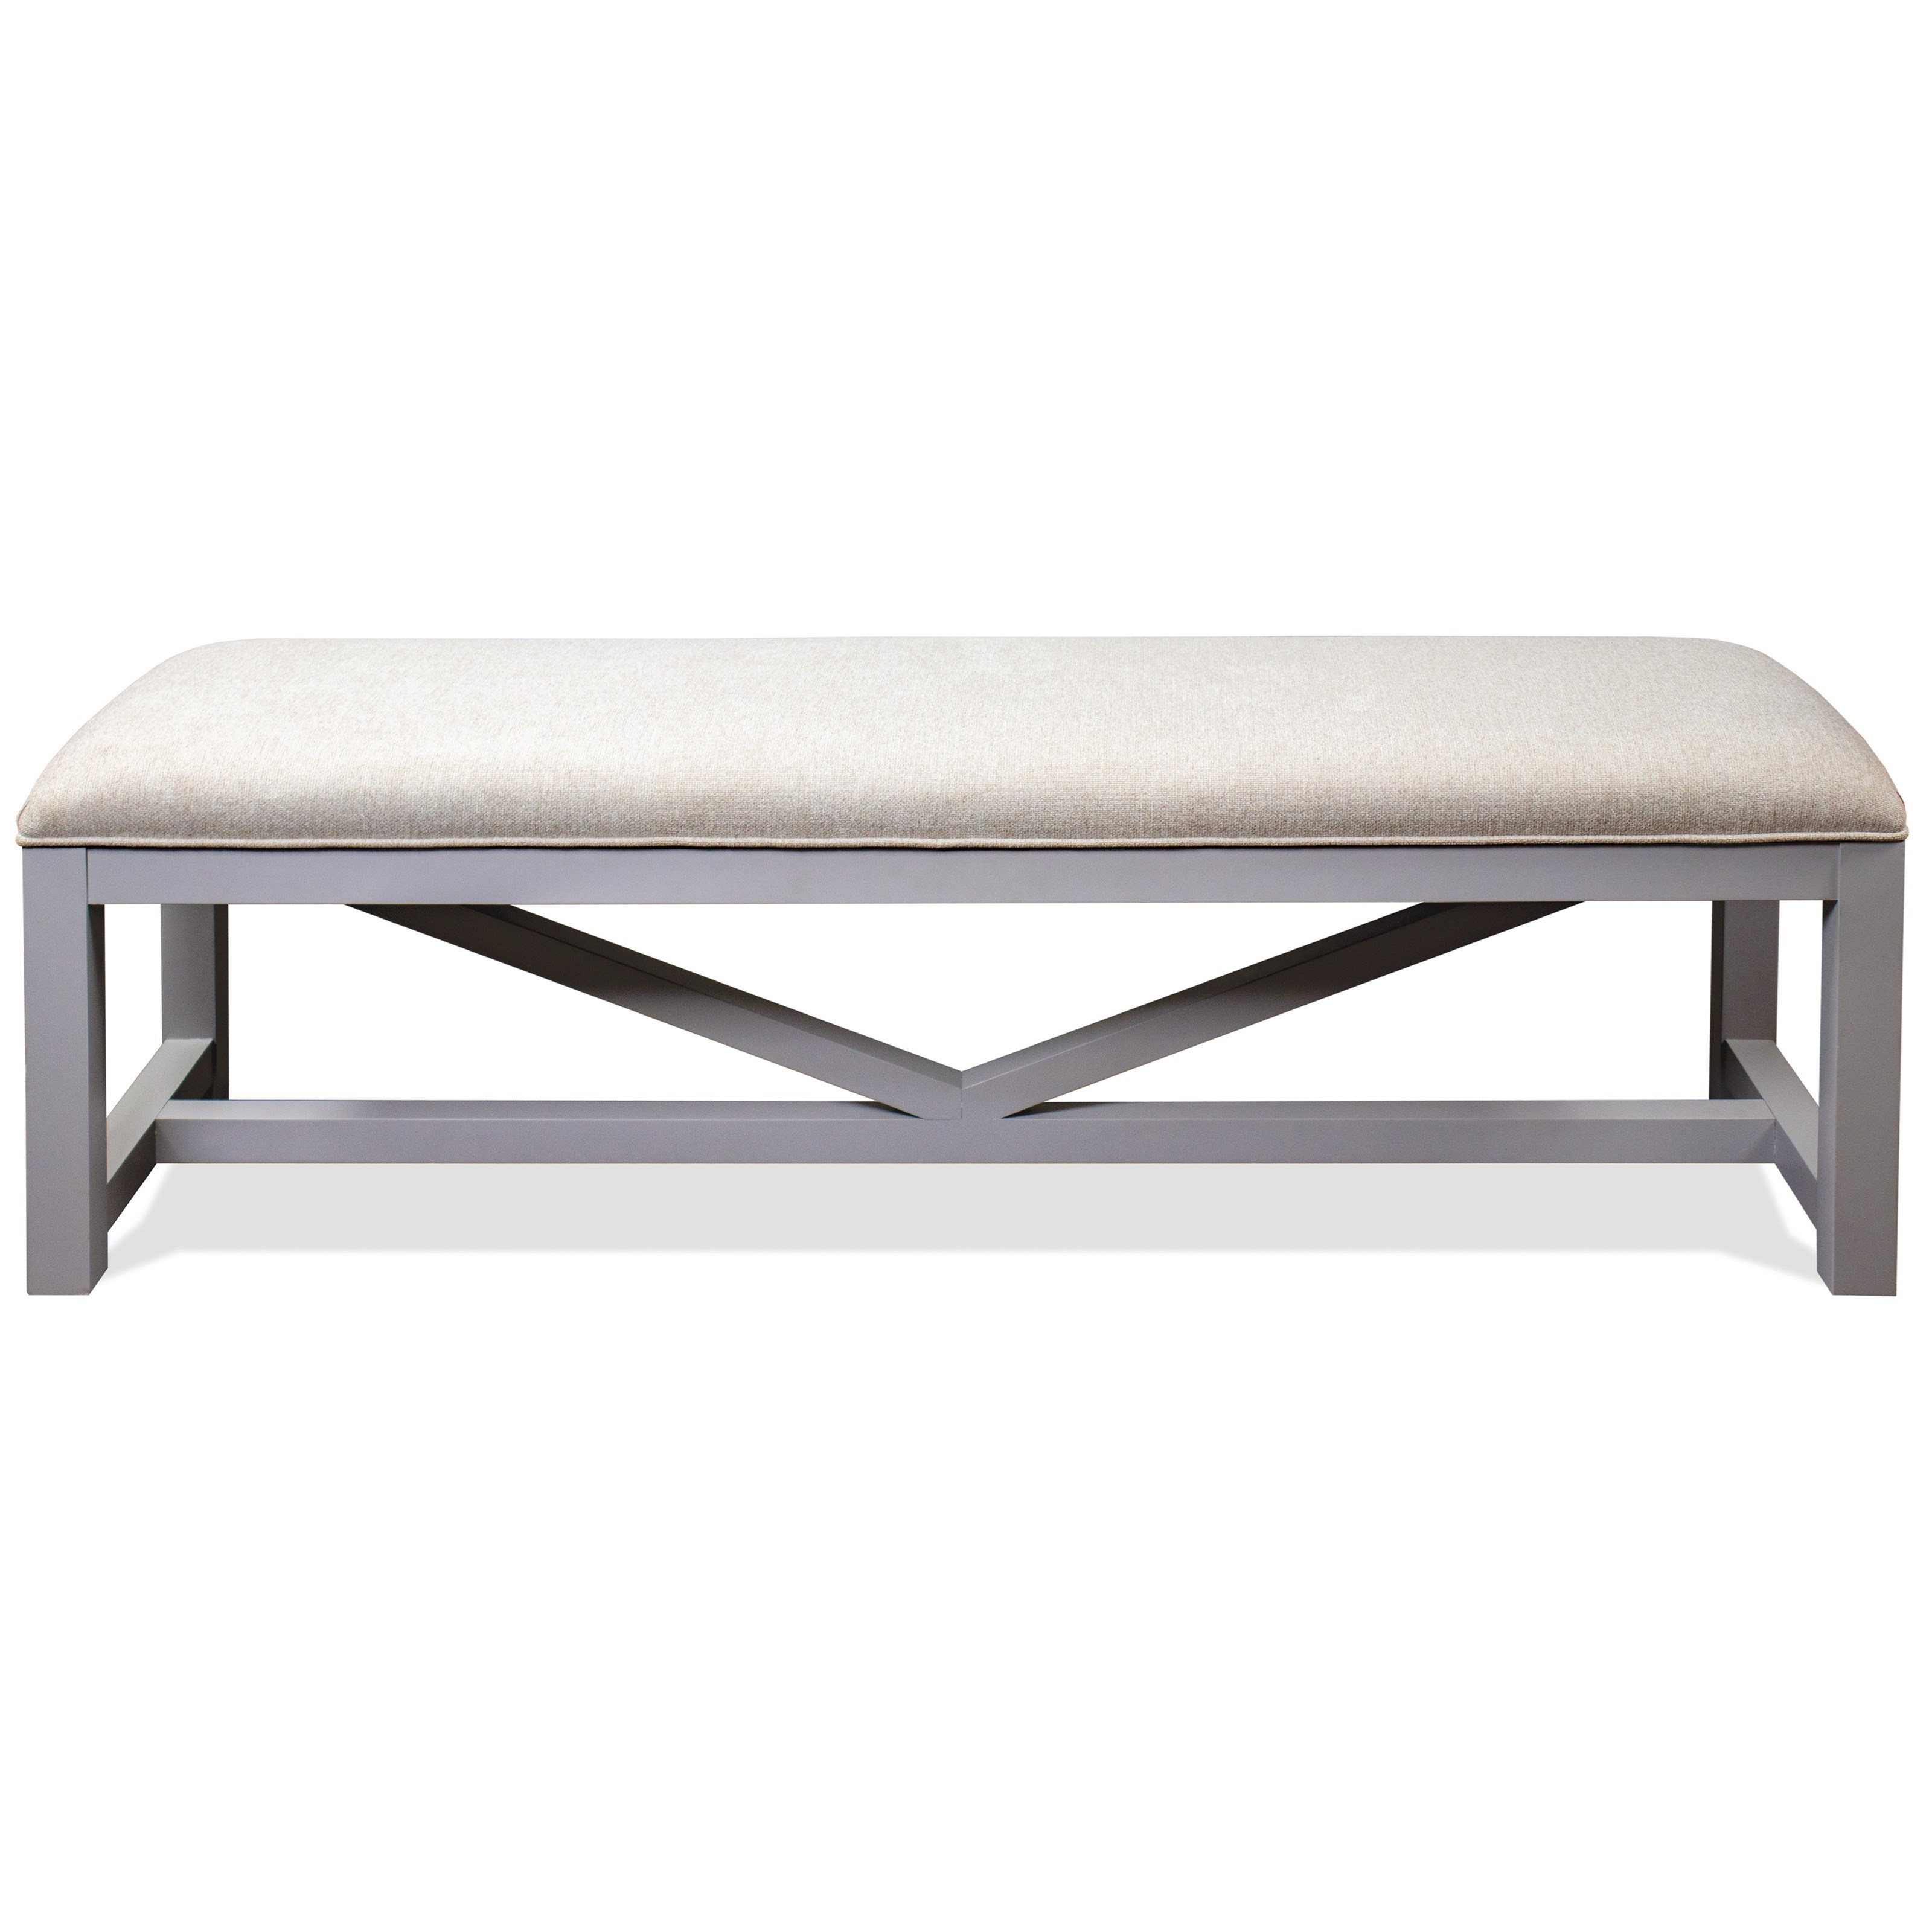 Osborne Upholstered Dining Bench by Riverside Furniture at Baer's Furniture